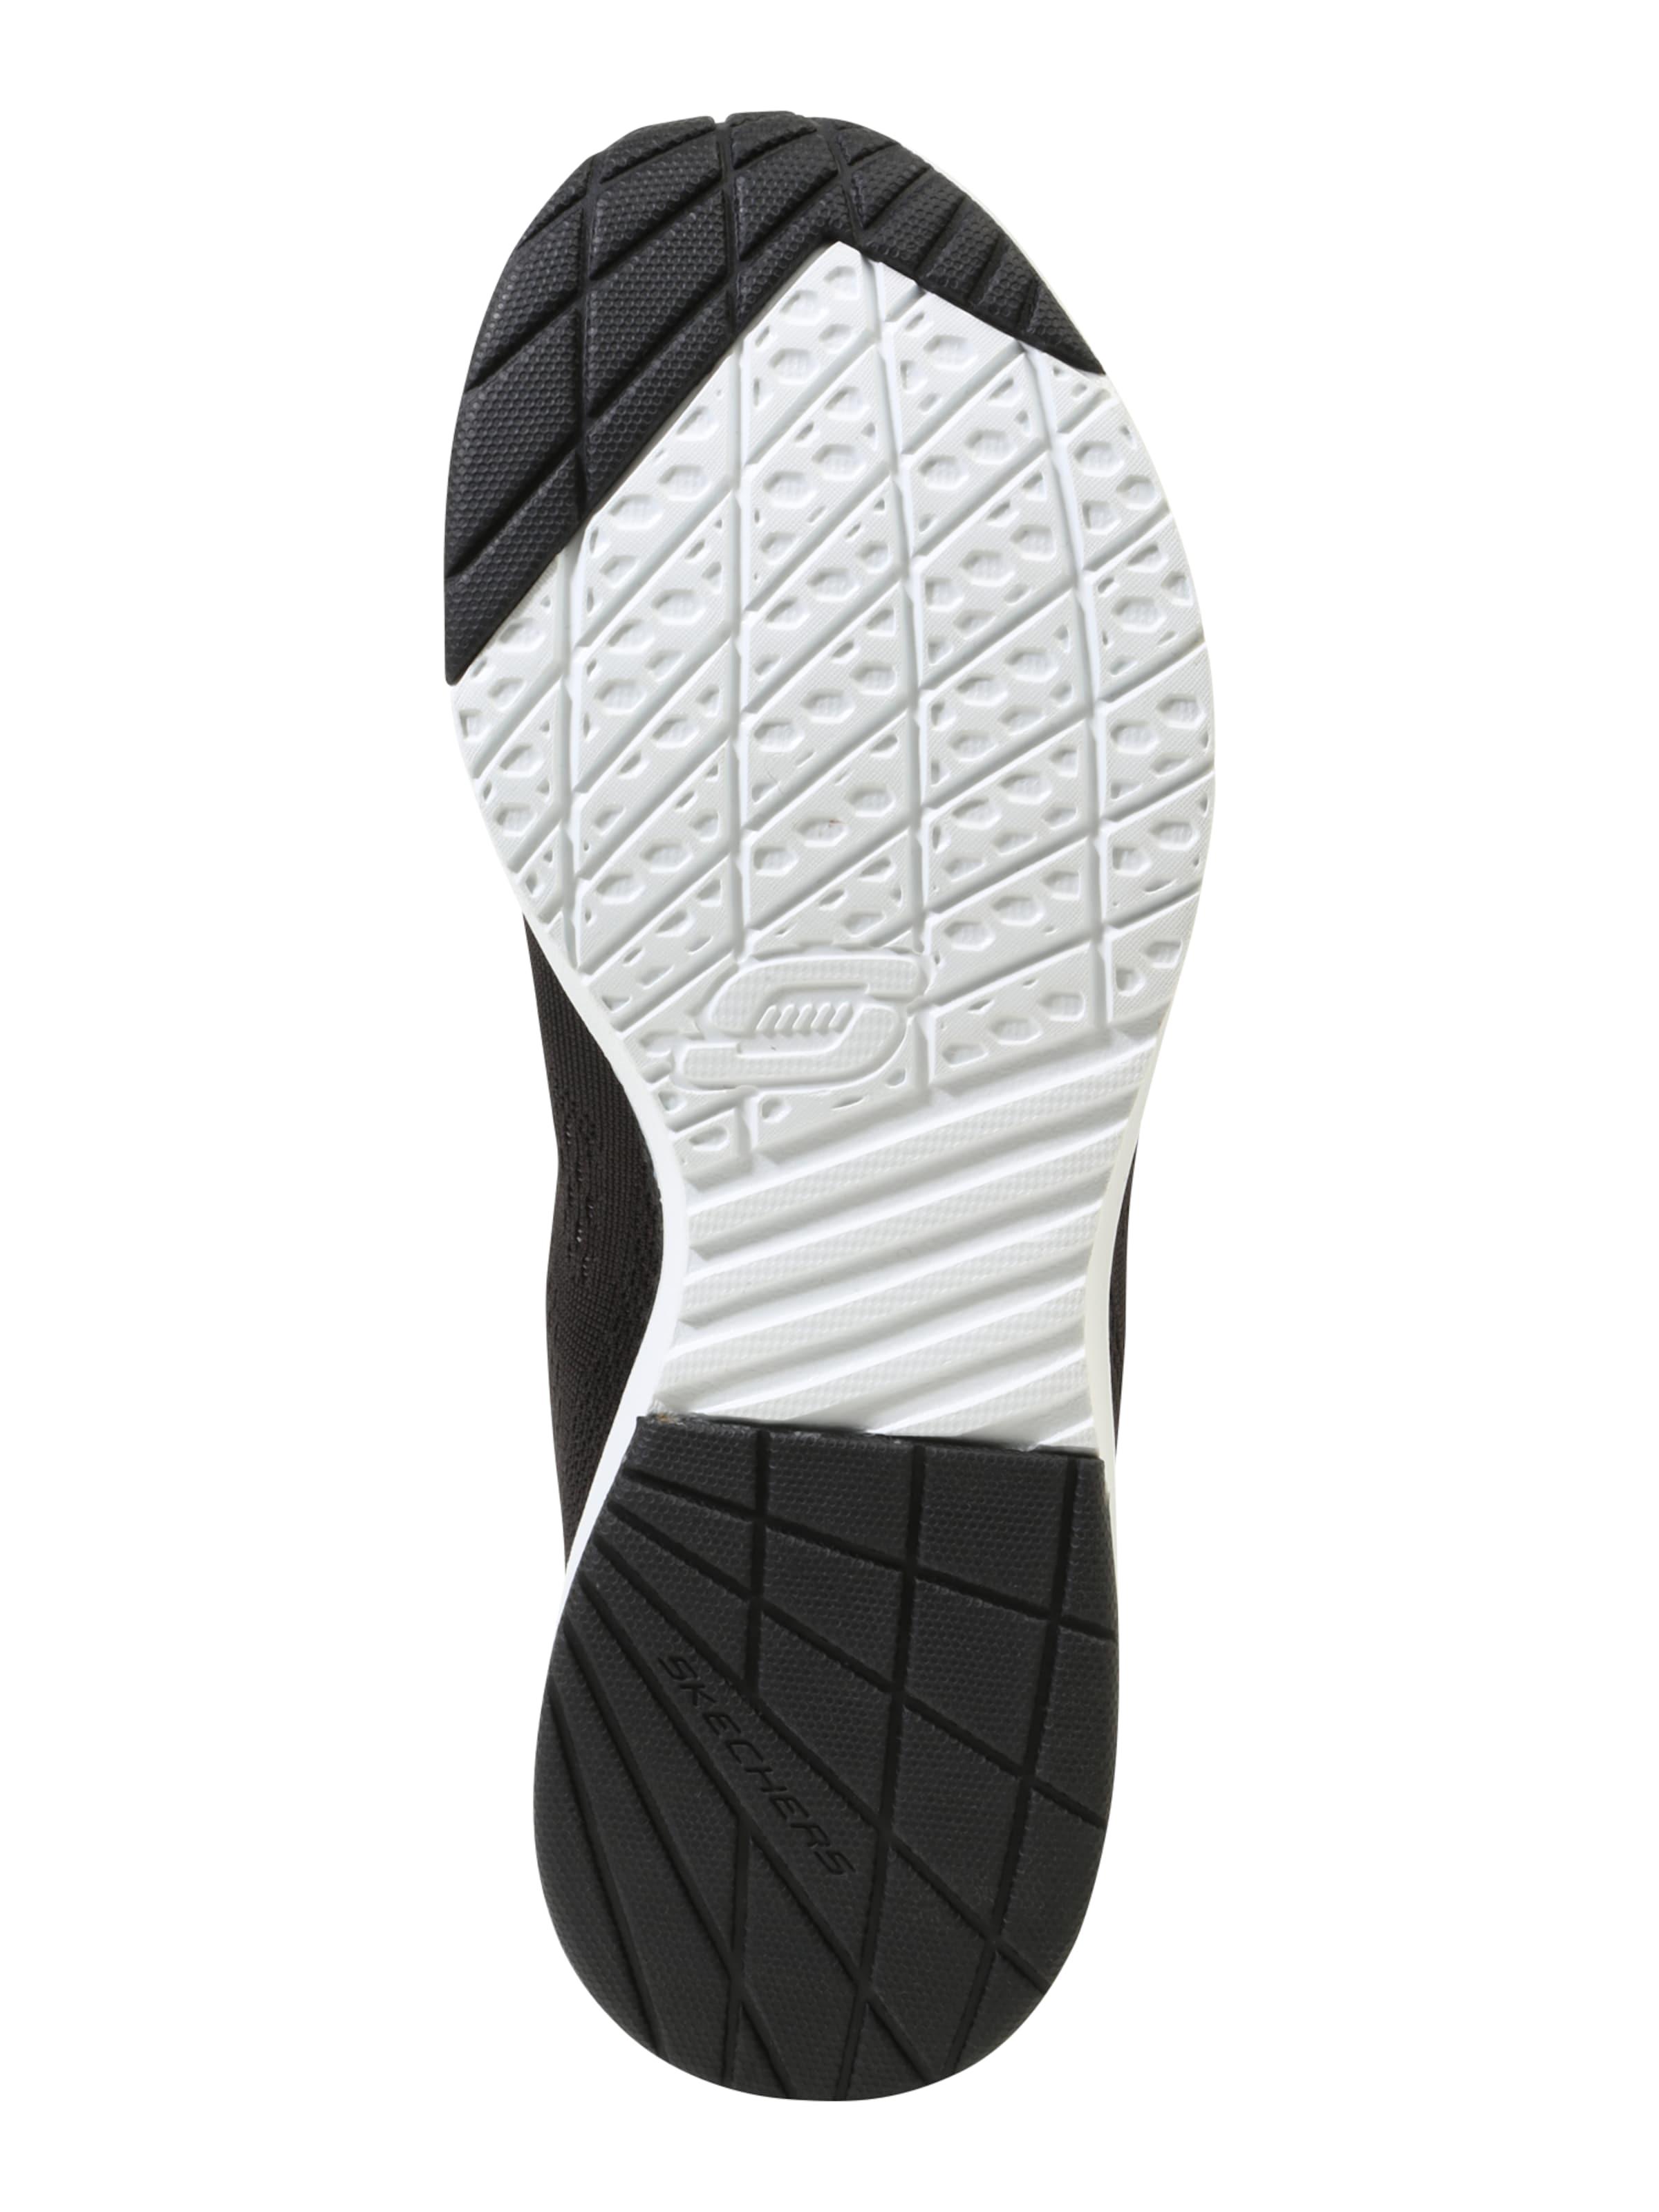 SKECHERS Sneaker 'AIR INFINITY - TRANSFORM' Liefern Online Preise Auslass Offiziellen Neuesten Kollektionen Günstig Online Günstig Kaufen Exklusiv kX21qIVyH7